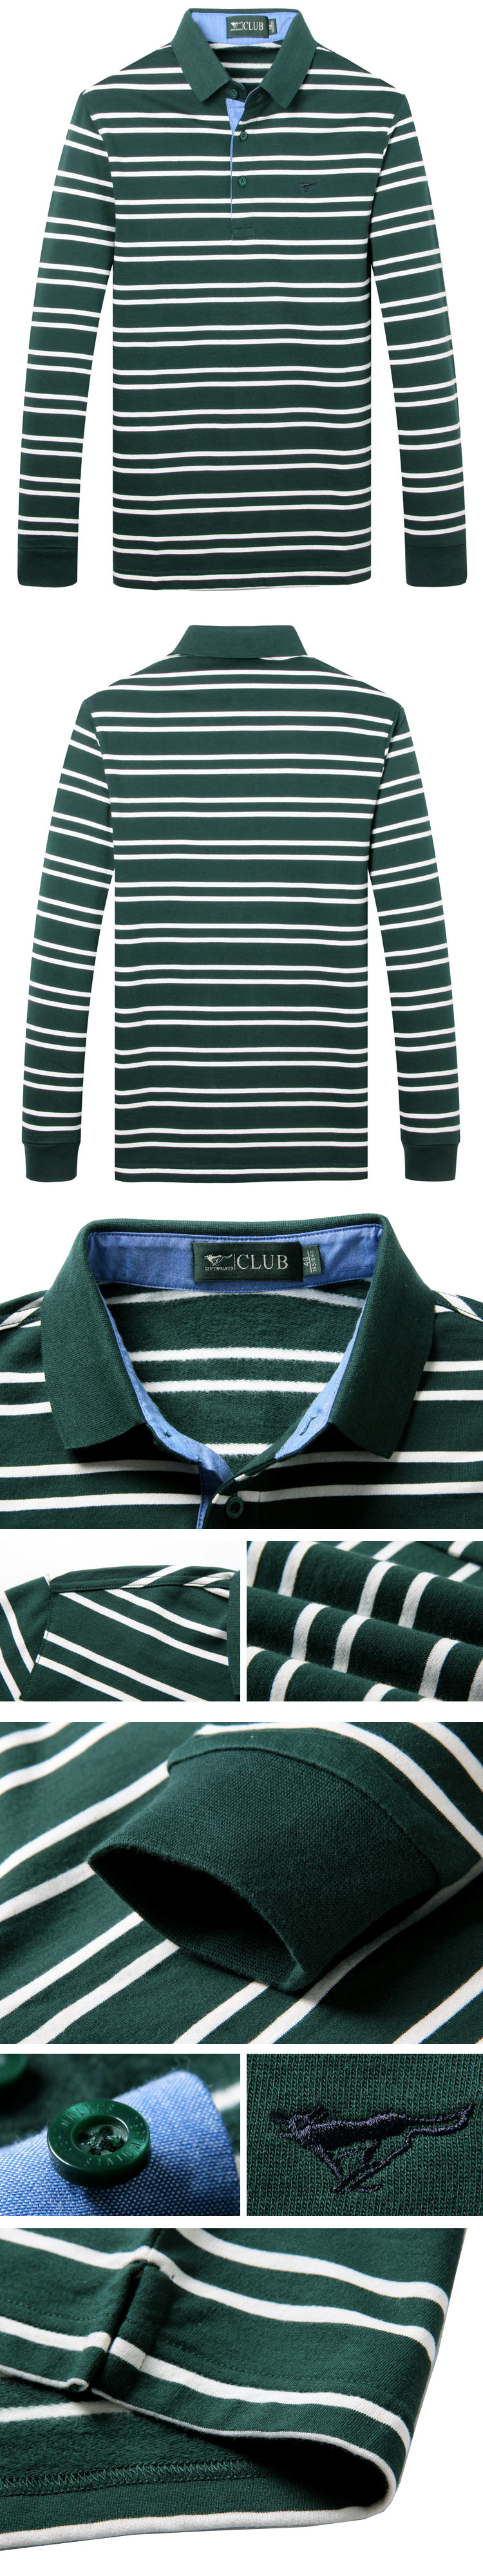 墨绿色简约撞色条纹纯棉长袖t恤polo衫